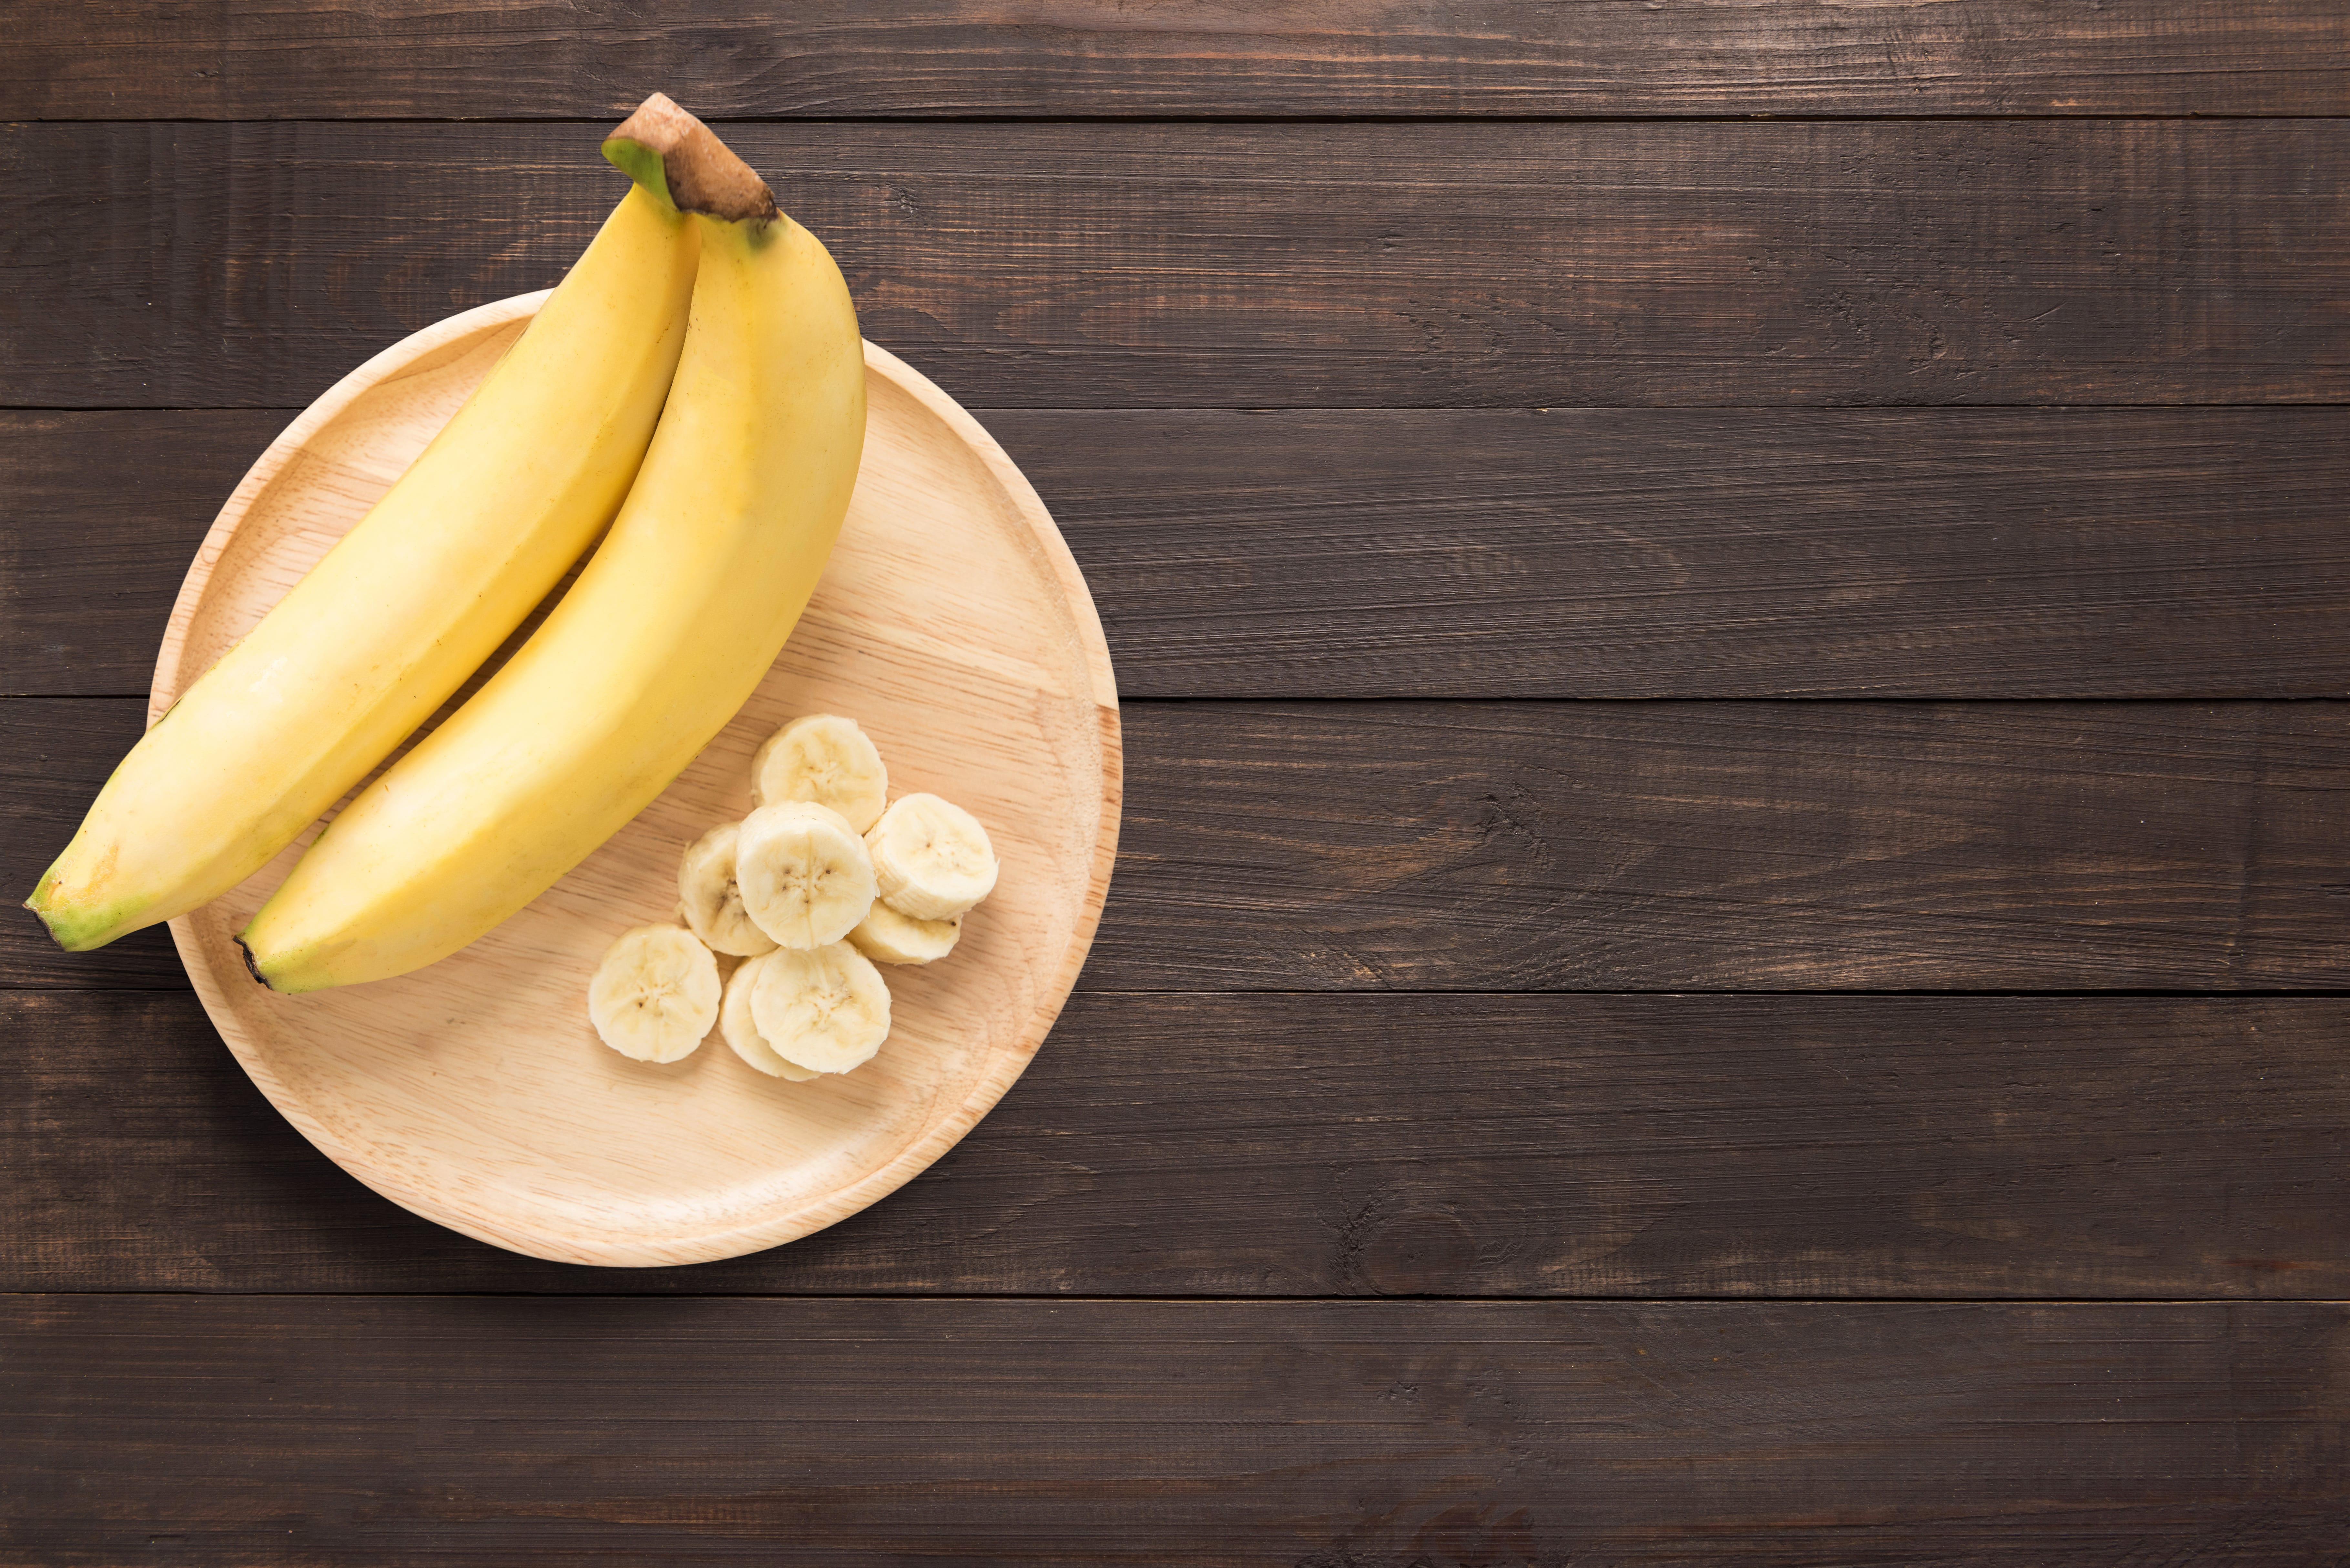 Bananen länger haltbar machen